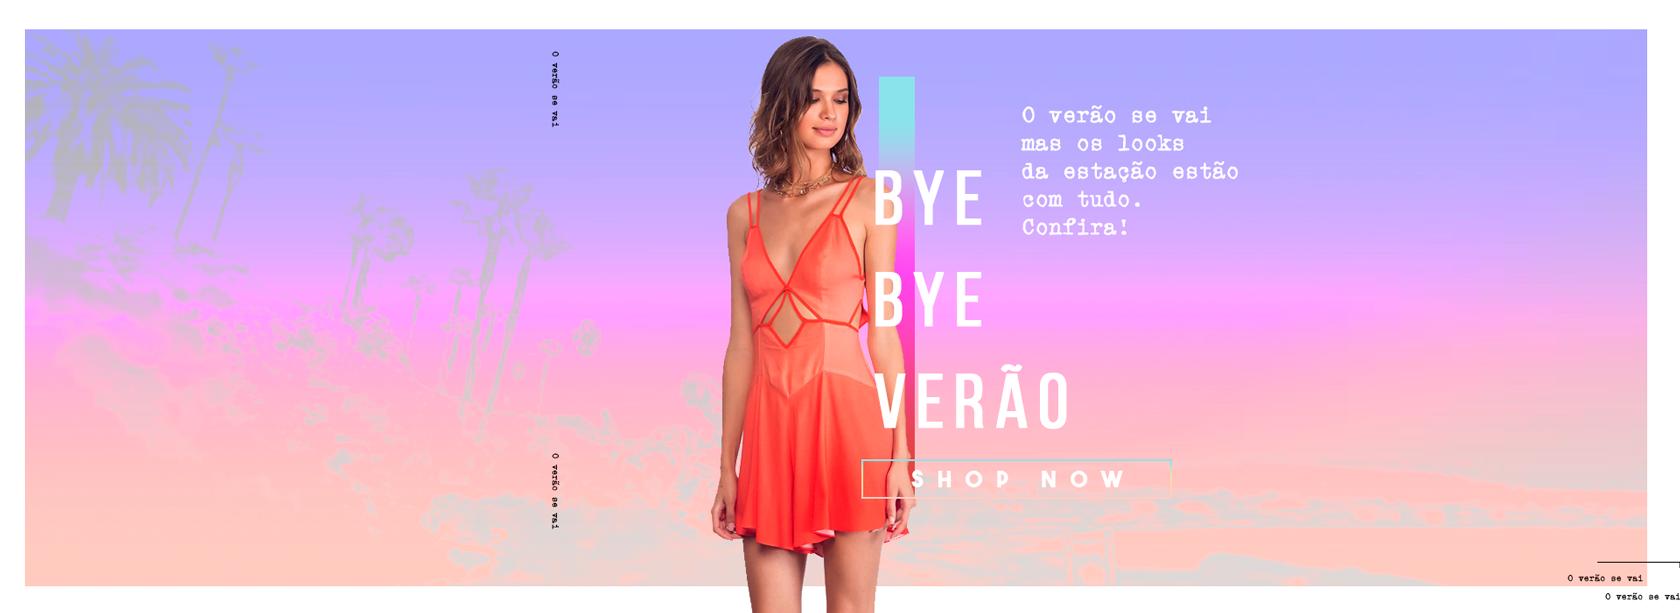 Bye, Bye Verão 20.03.19